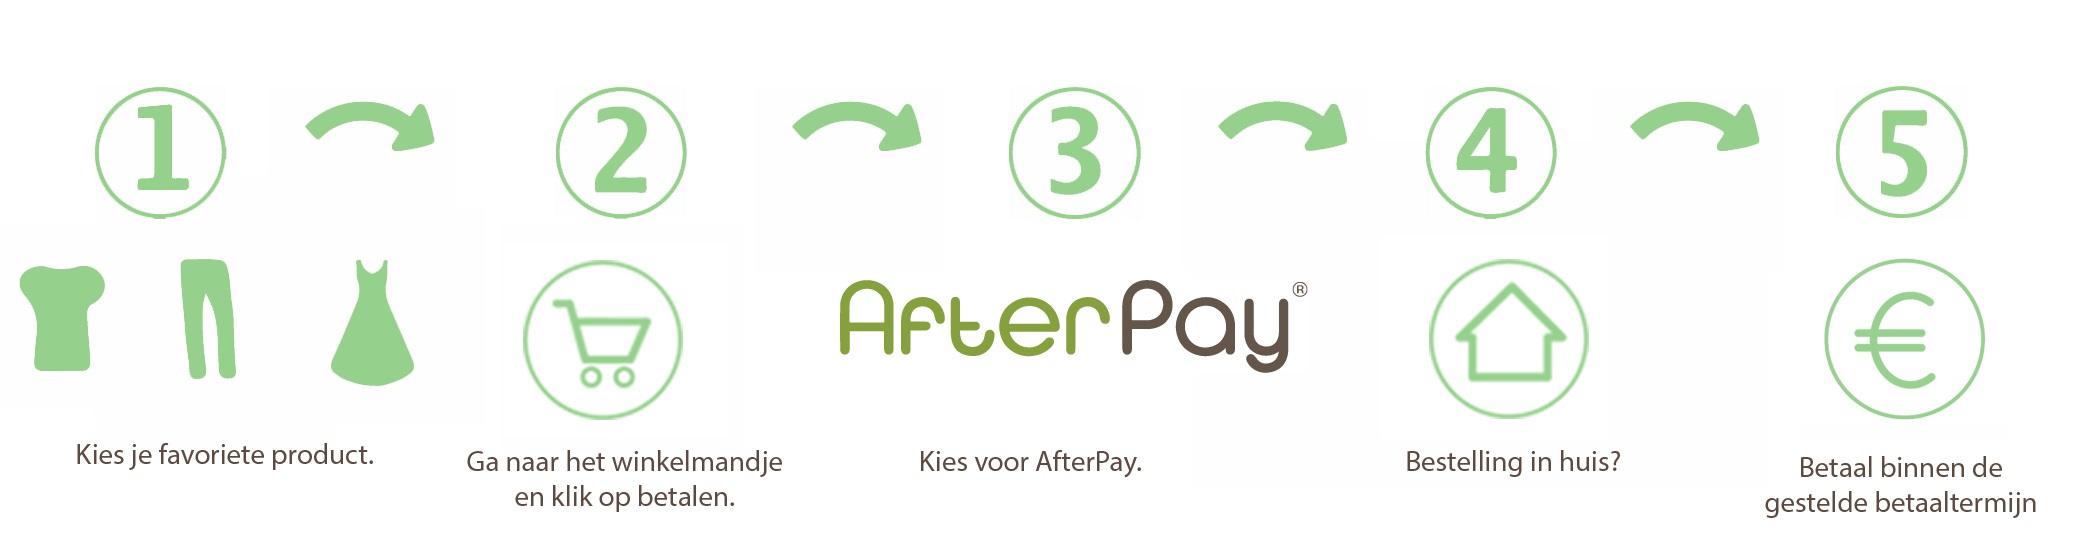 4d1b73b8d5 Daarmee maakt AfterPay het online kopen van producten wel héél veilig en  aangenaam! En…achteraf betalen met AfterPay is zóóó gemakkelijk.